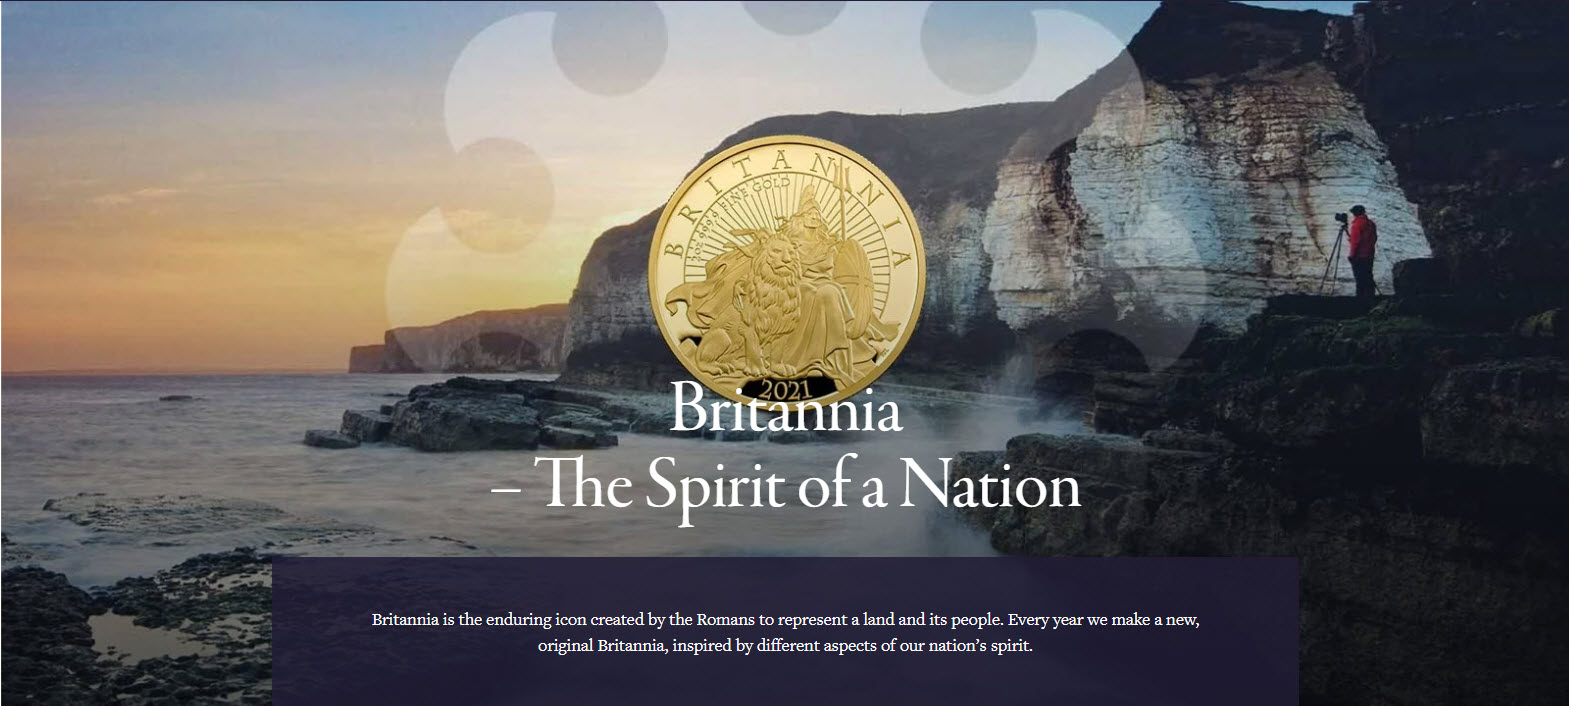 グレートブリテン2021年エリザベス2世純金5オンス500ポンドプルーフ・ライオンとブリタニア金貨箱付き